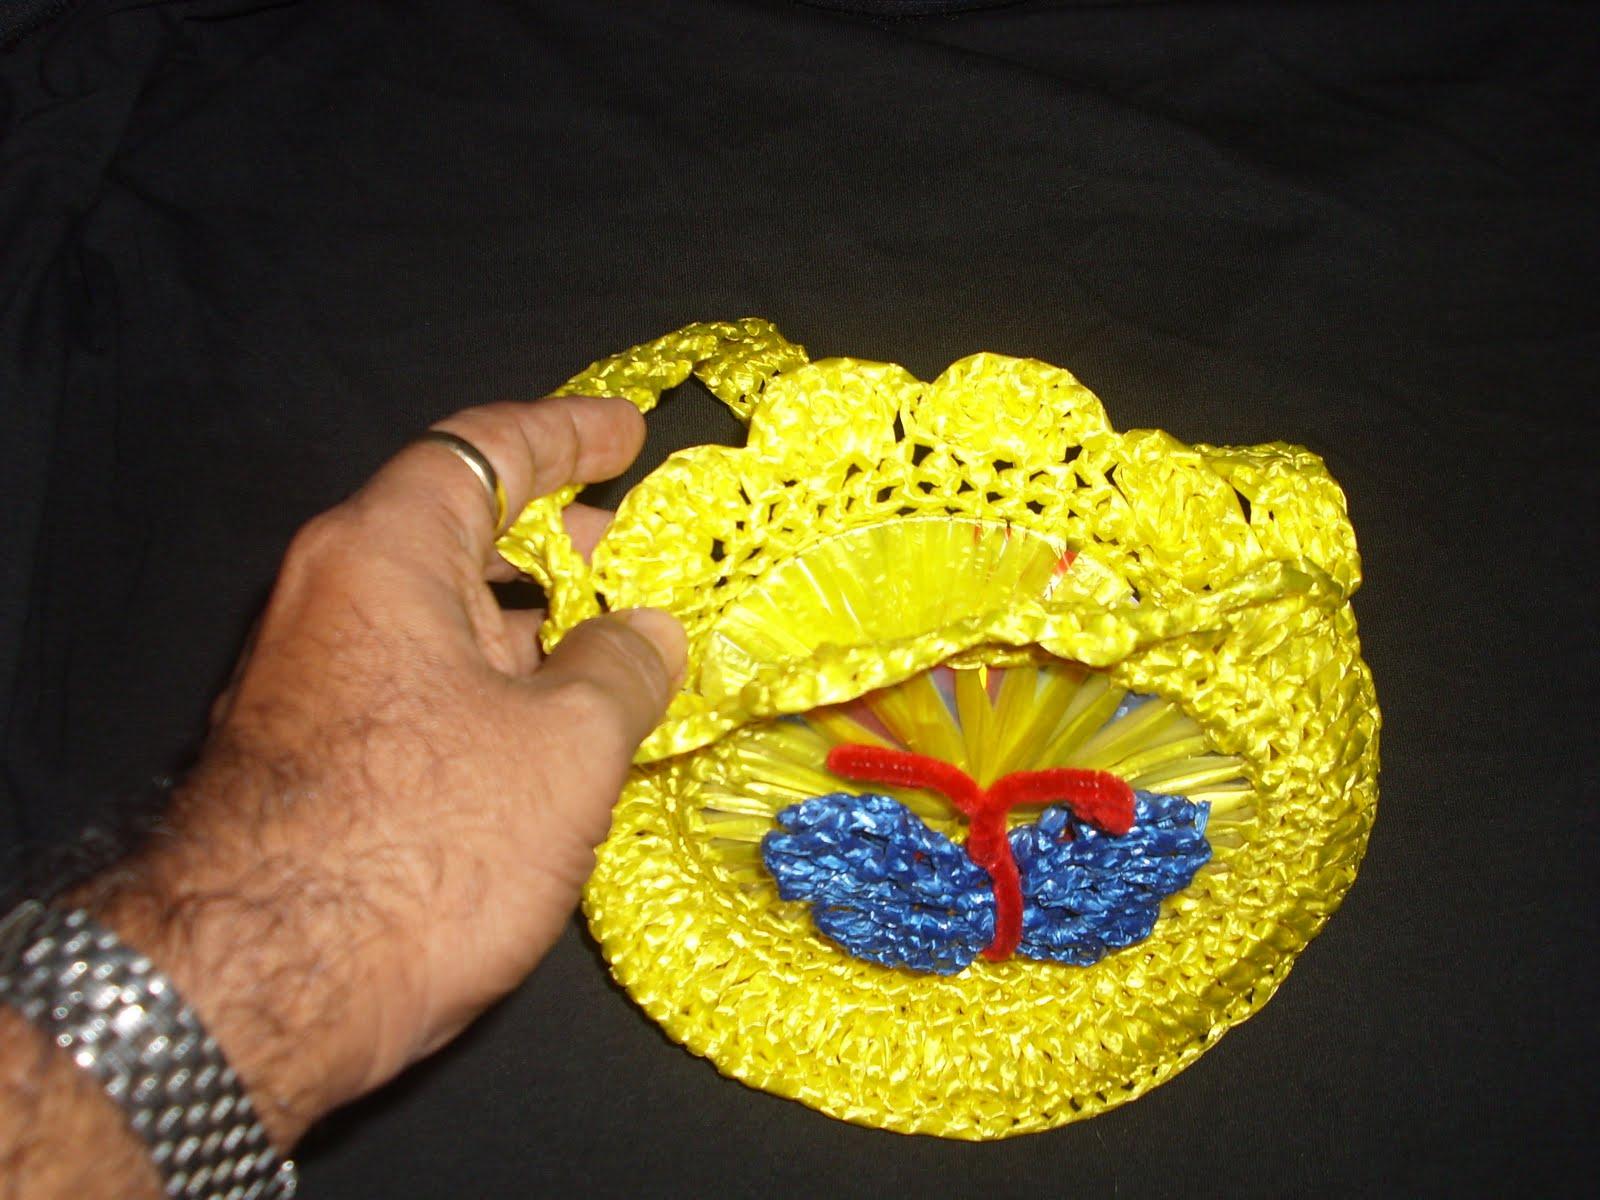 Ara ito tejedor bolsita de crochet en rafia amarilla - Manualidades con rafia ...